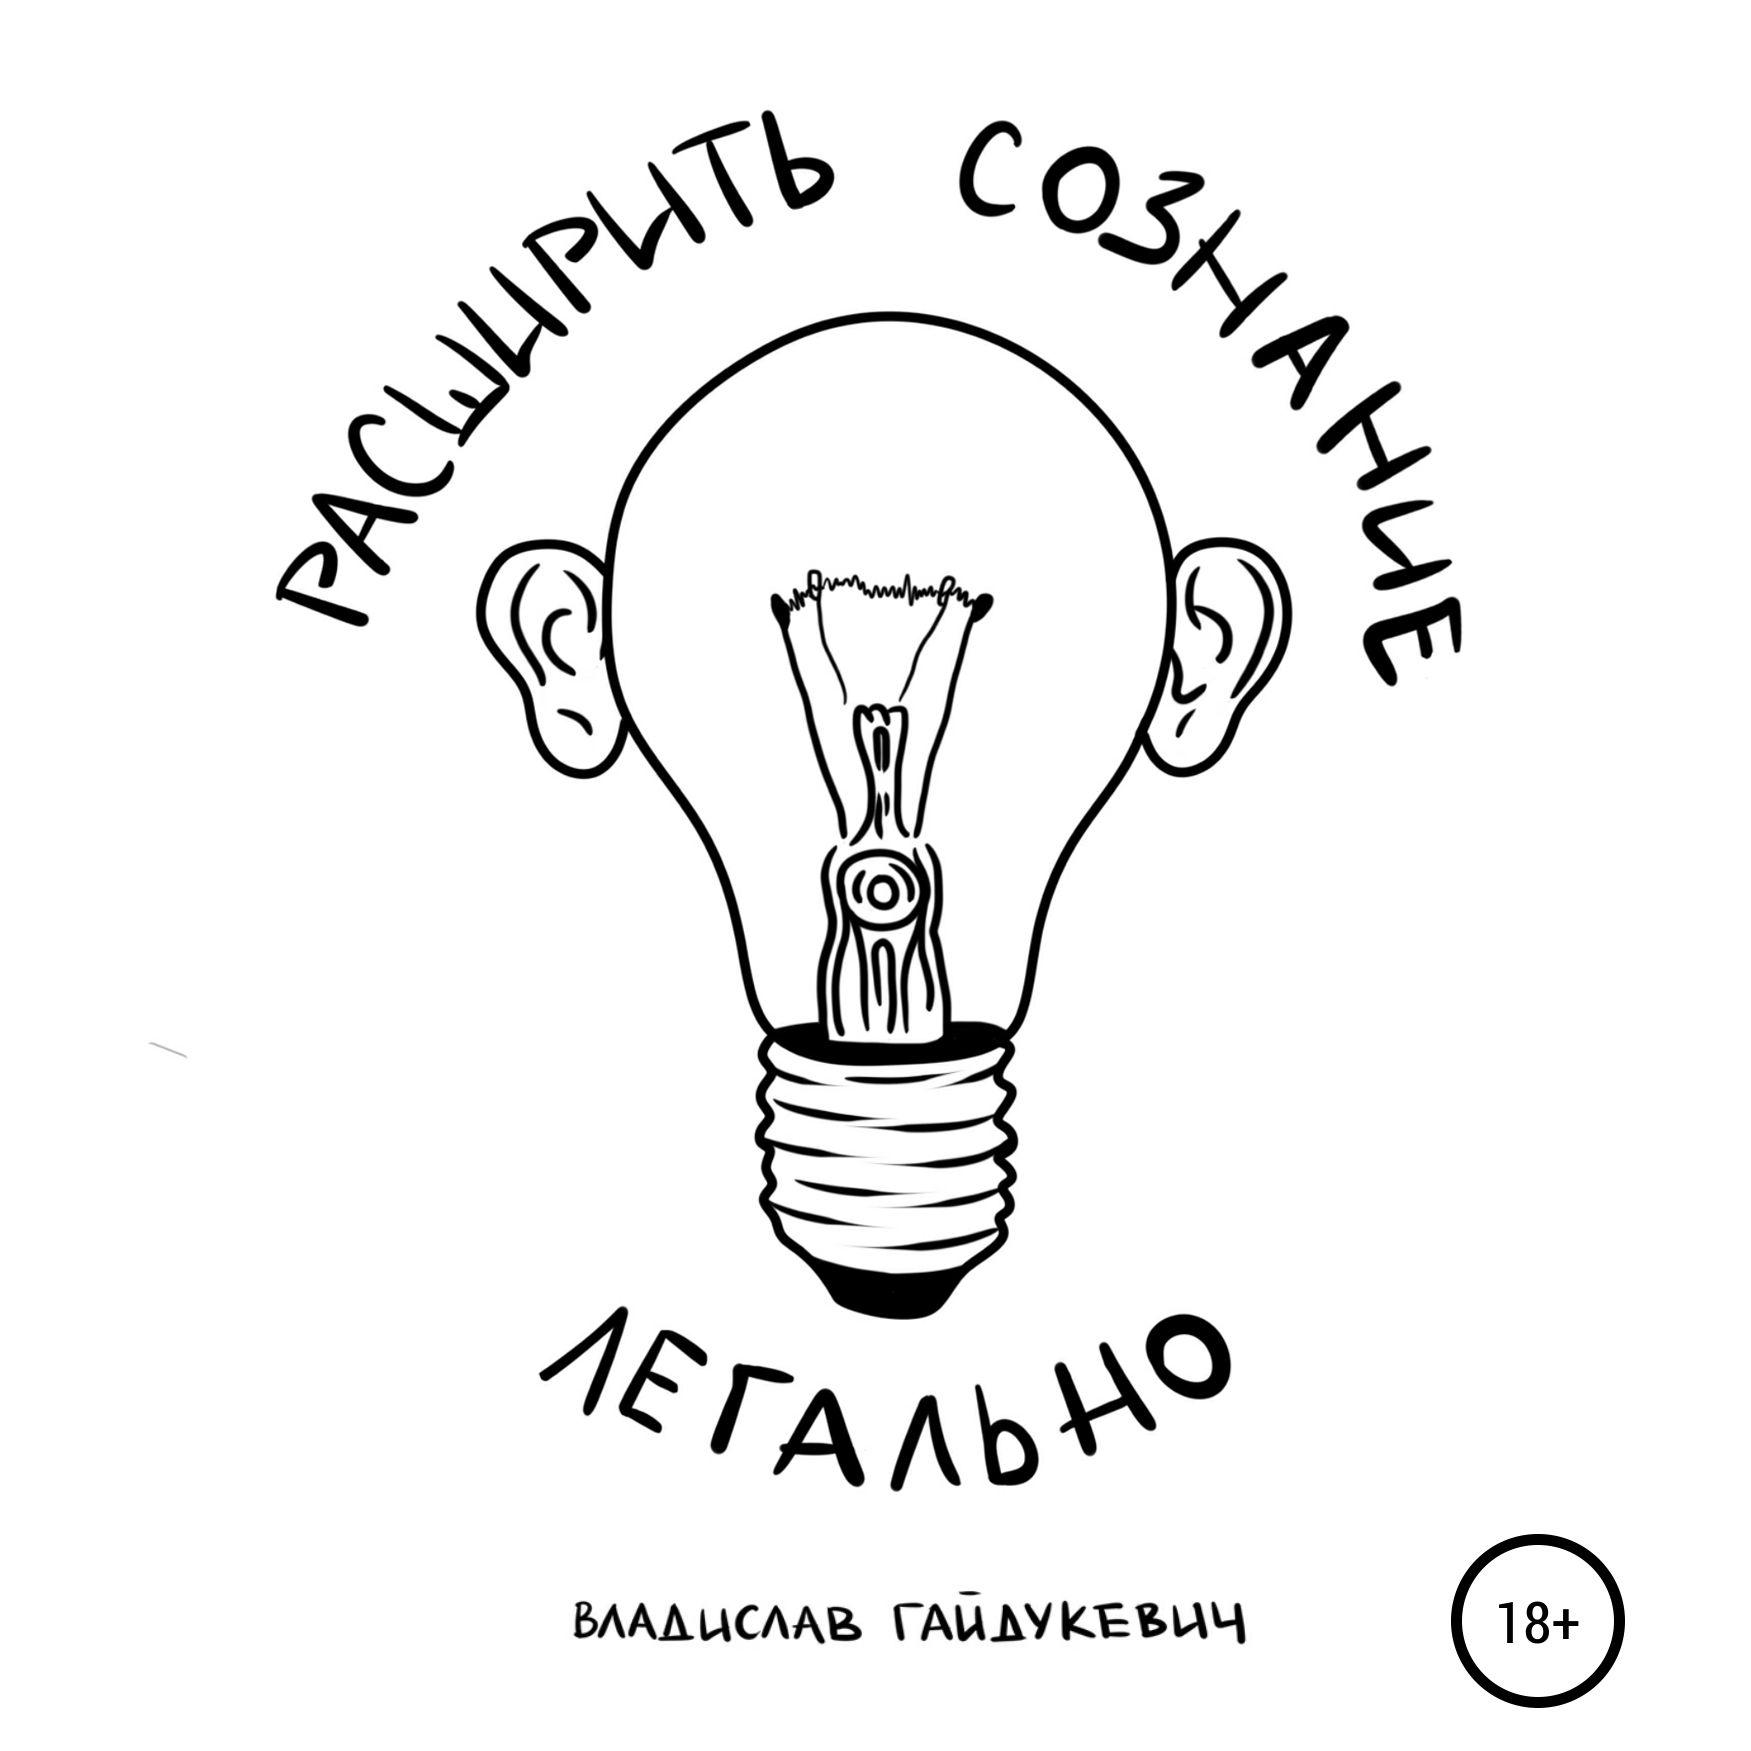 Владислав Гайдукевич Расширить сознание легально